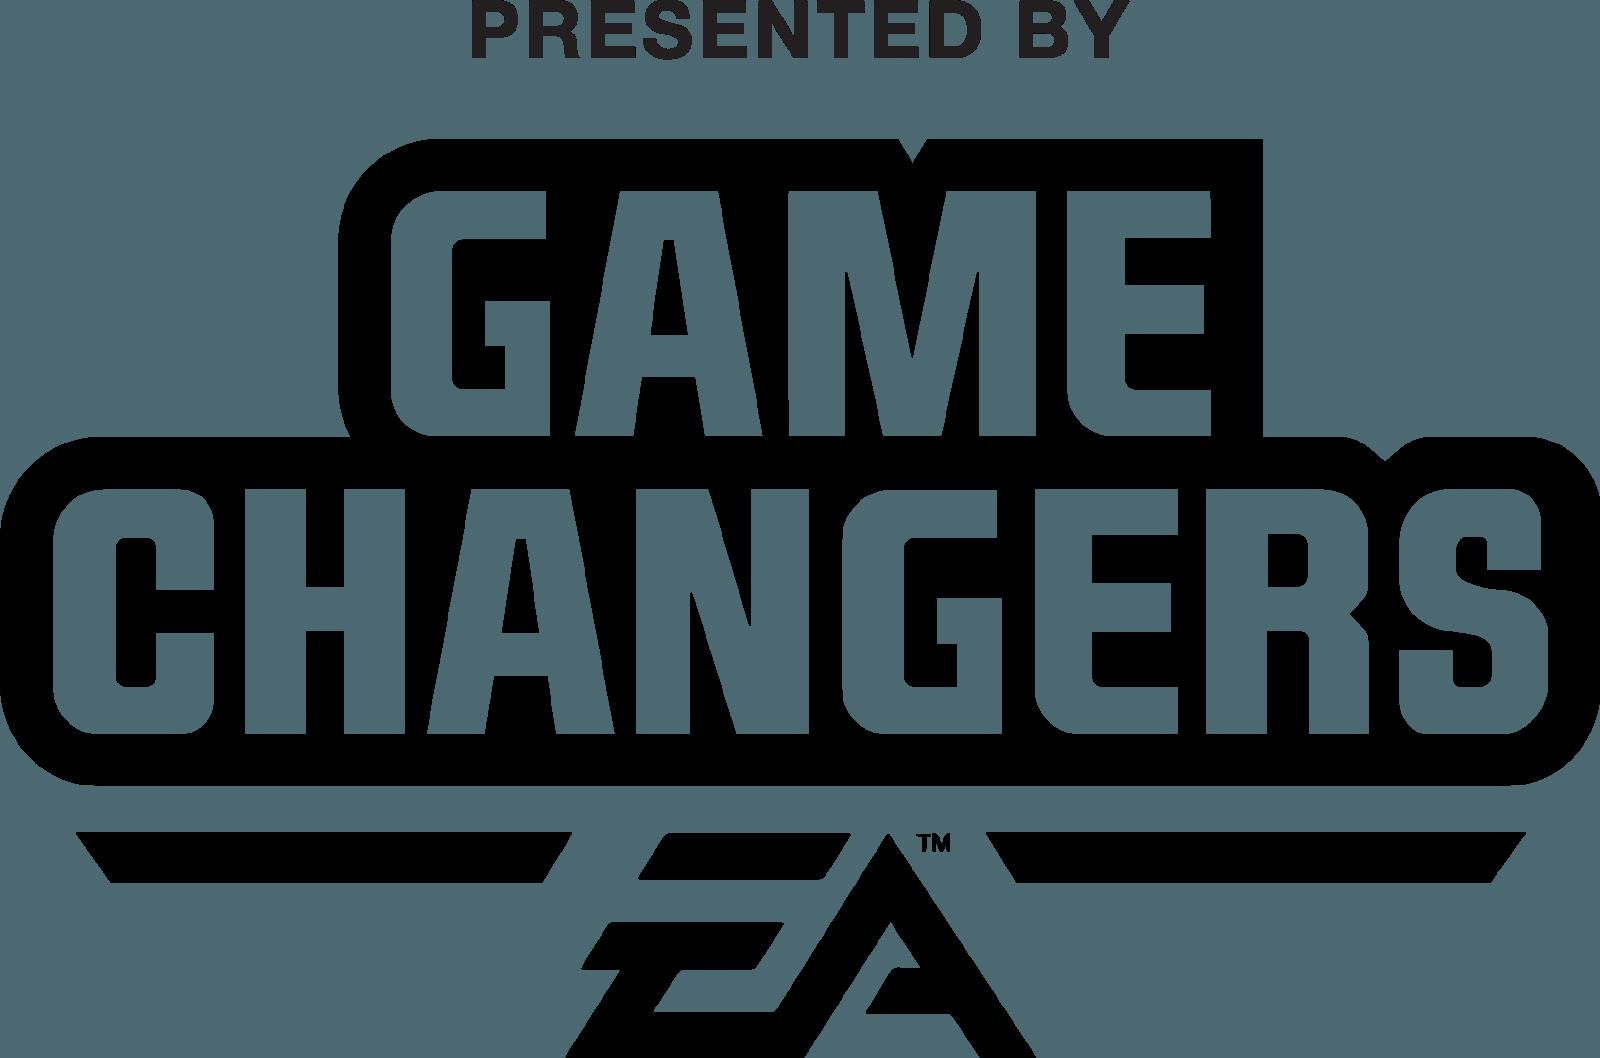 Presented by EA GameChangers